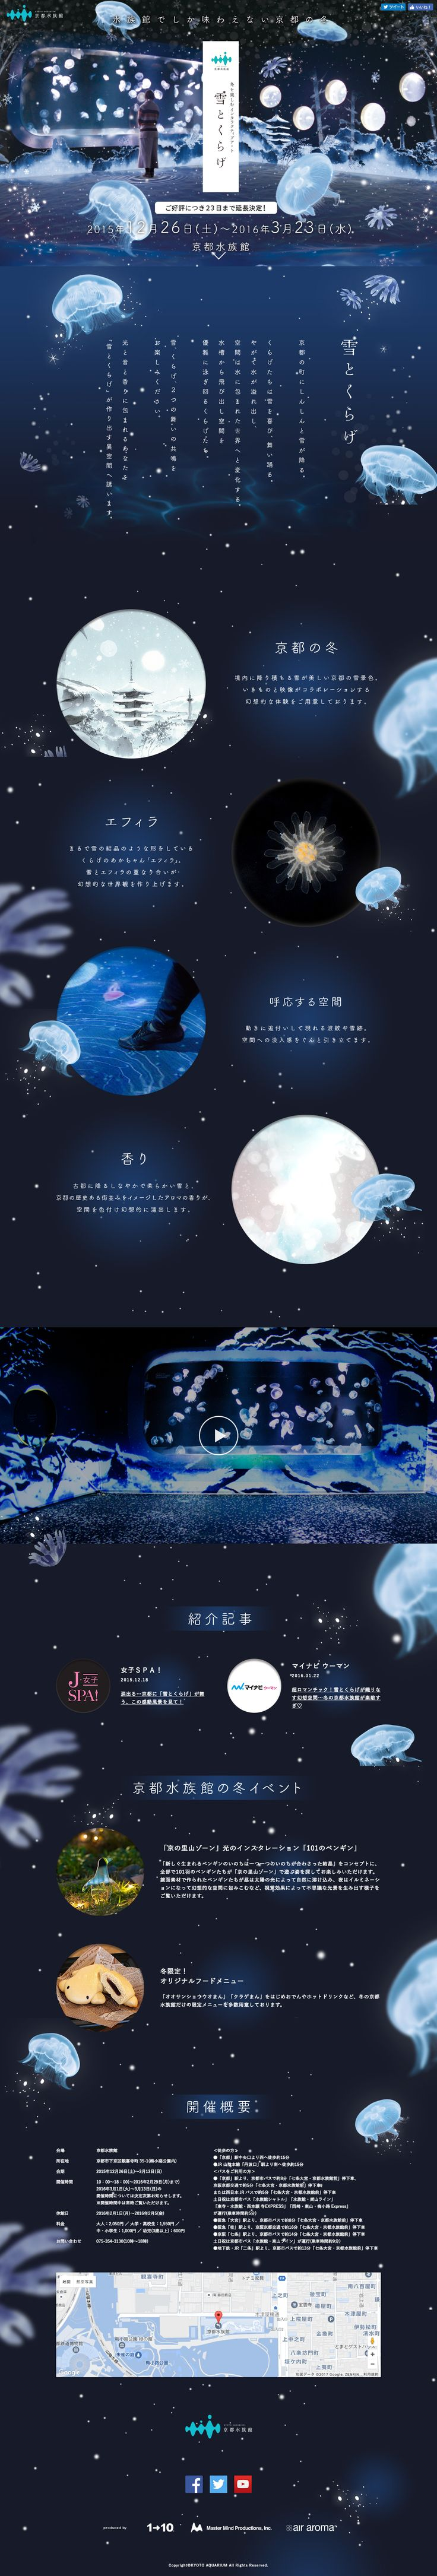 「京都水族館」 降る雪とクラゲの浮遊など、ゆったりとした動きも楽しい